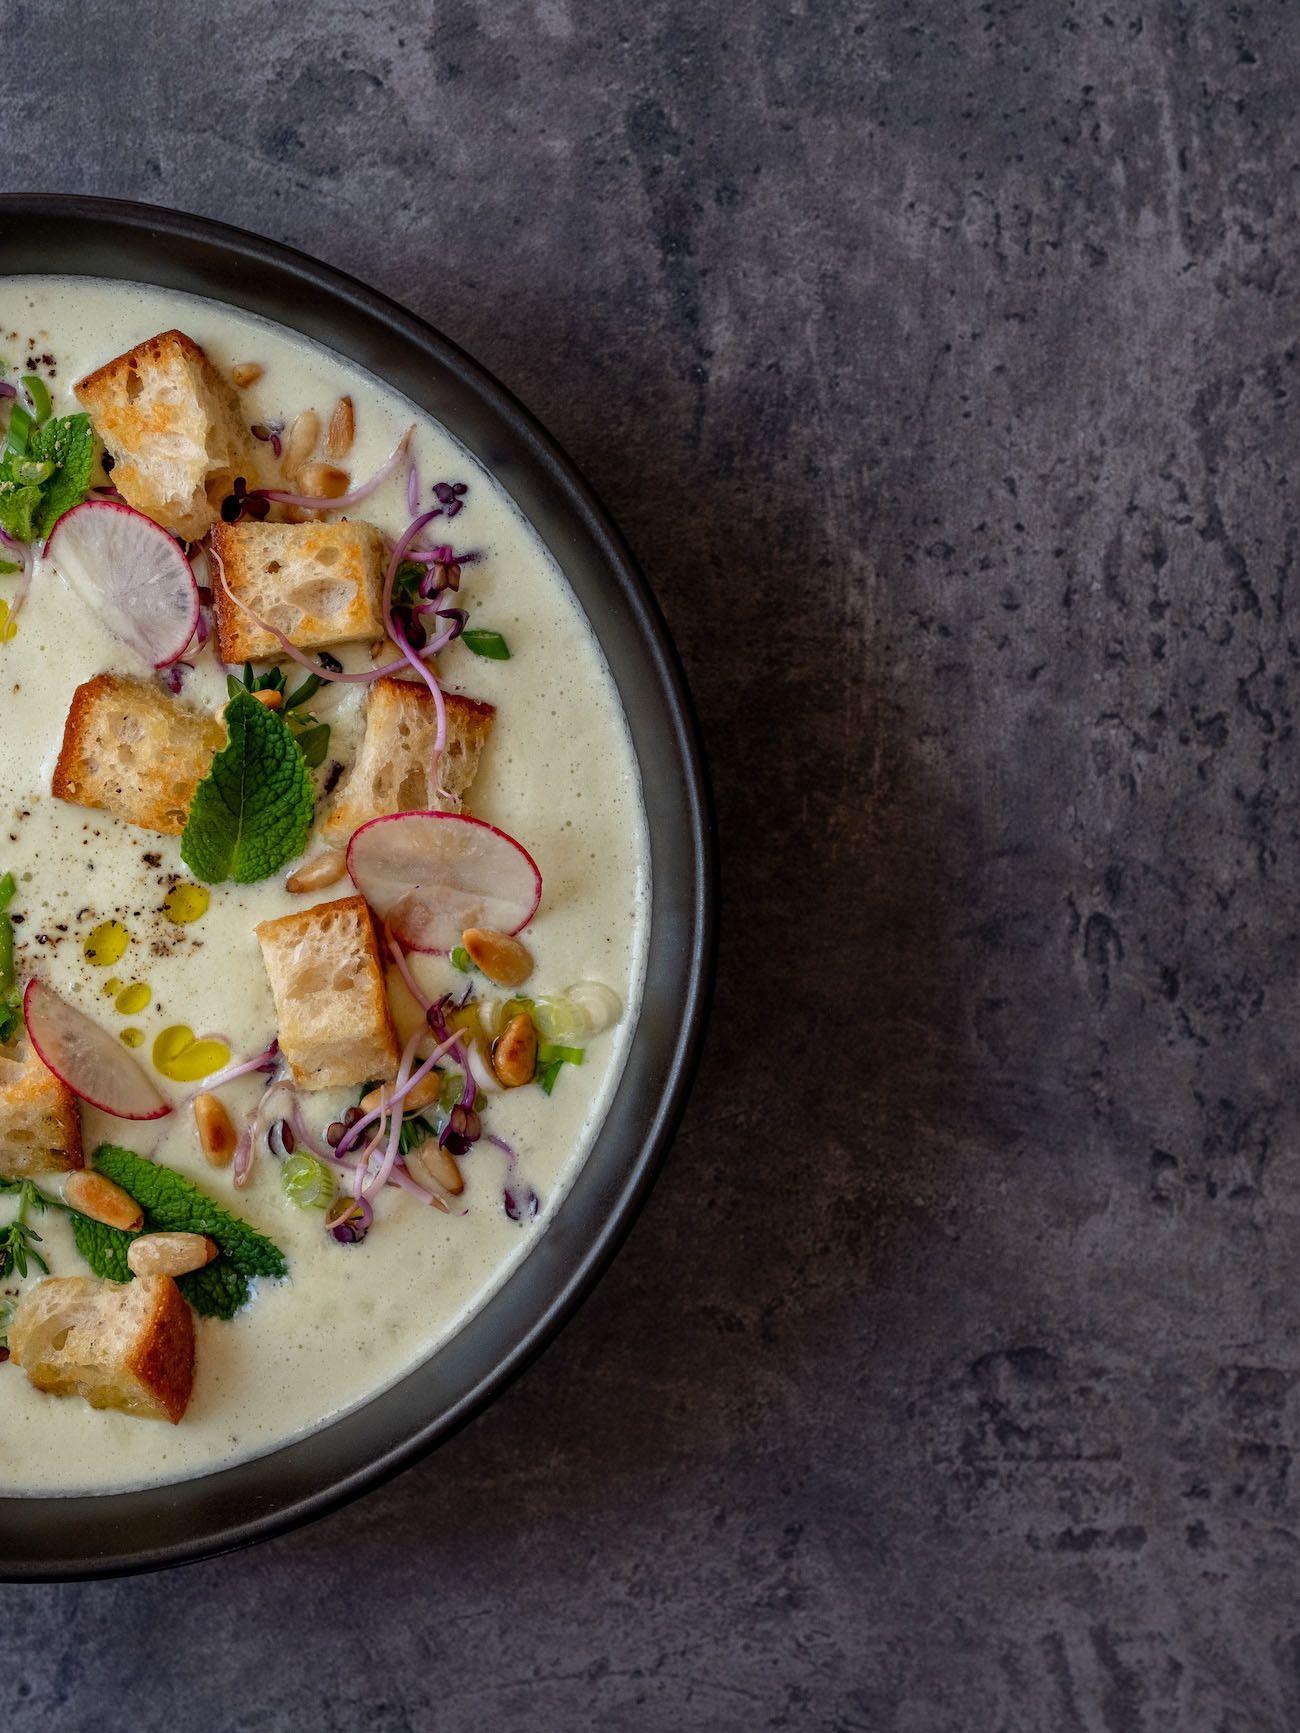 Foodblog, About Fuel, Rezept Gurken-Mandel-Gazpacho mit Croutons, Minze, Radieschen, Pfeffer, Olivenöl, Pinienkerne